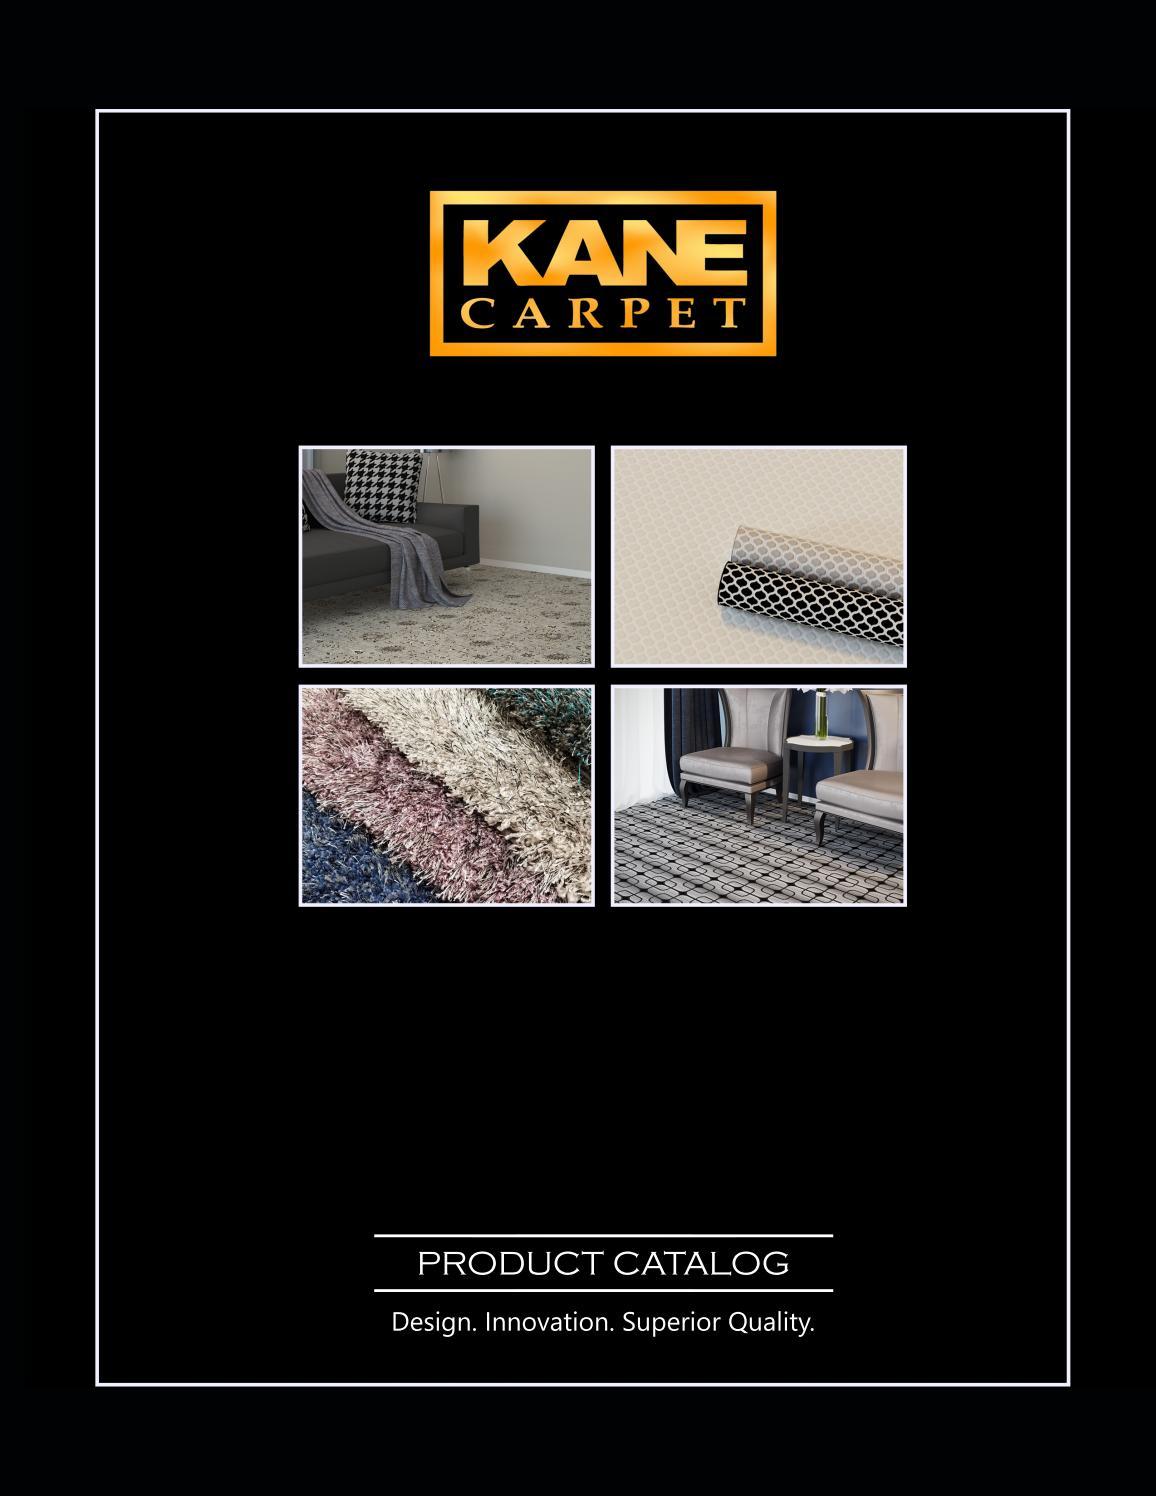 Kane Carpet Catalog By Kane Carpet Issuu